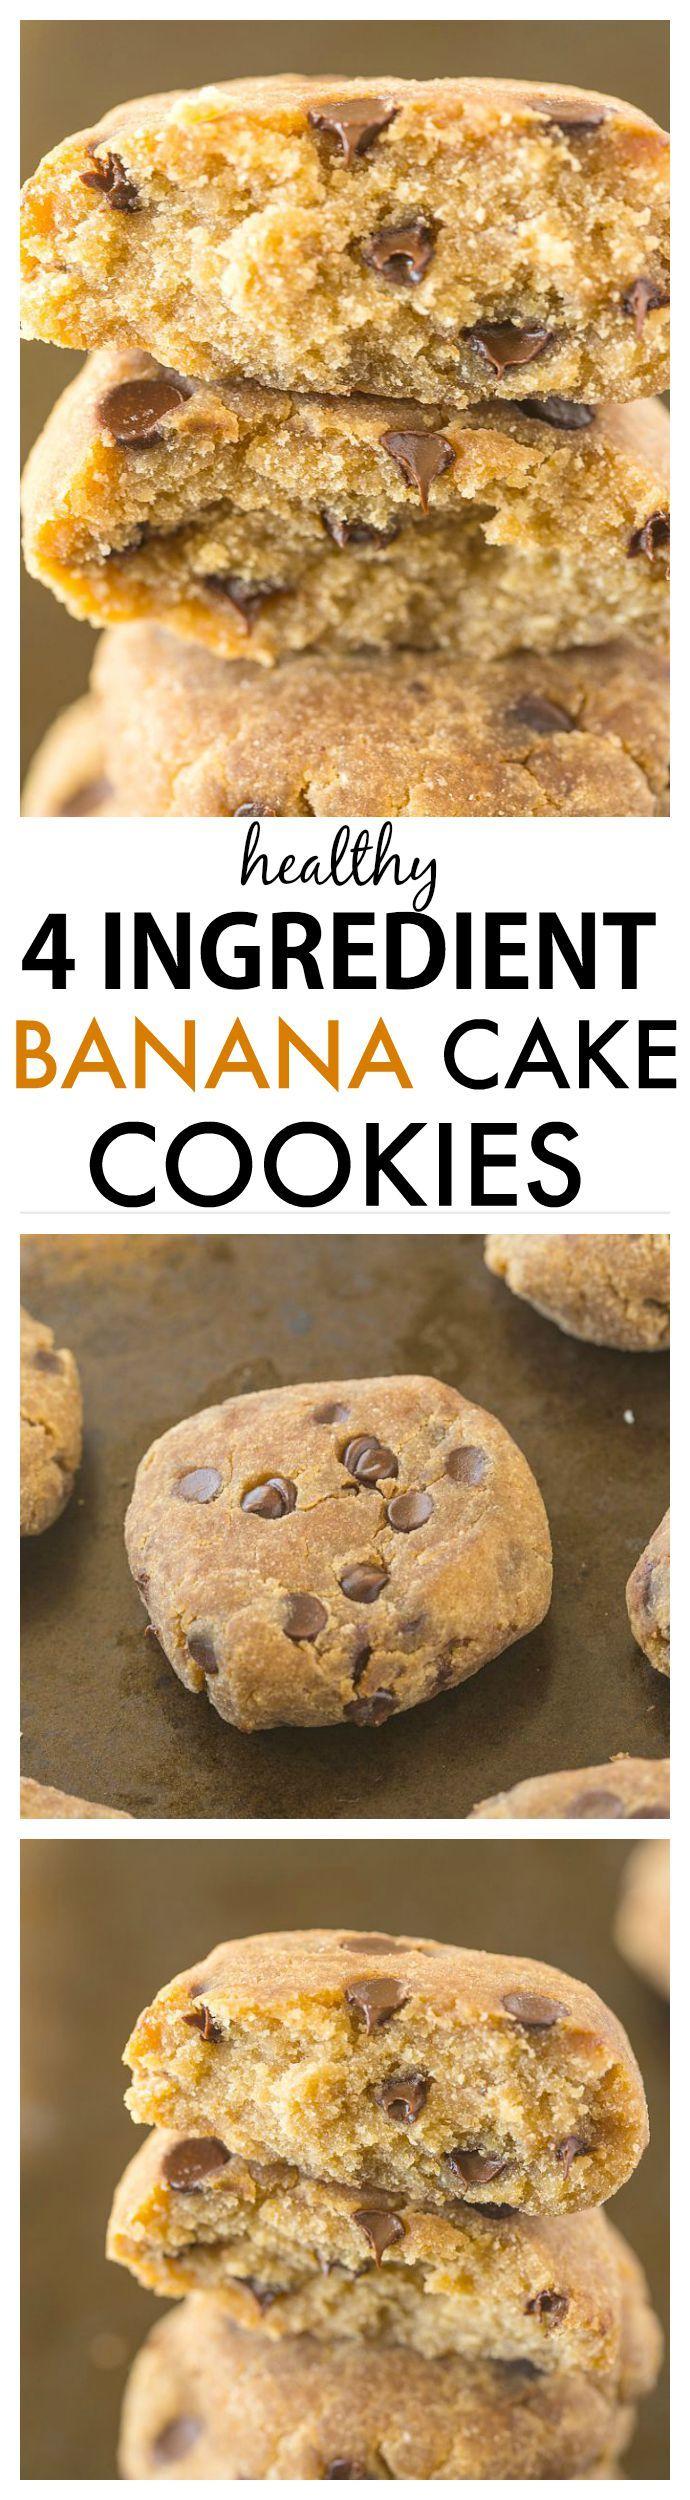 Galletas sanas 4 Ingrediente torta del plátano Cookies- parecido a un pastel que necesitan solo cuatro ingredientes y 12 minutos- Usted no cree que esta deliciosa receta es tan saludable también!  {Paleo, vegetariana, sin gluten} - thebigmansworld.com